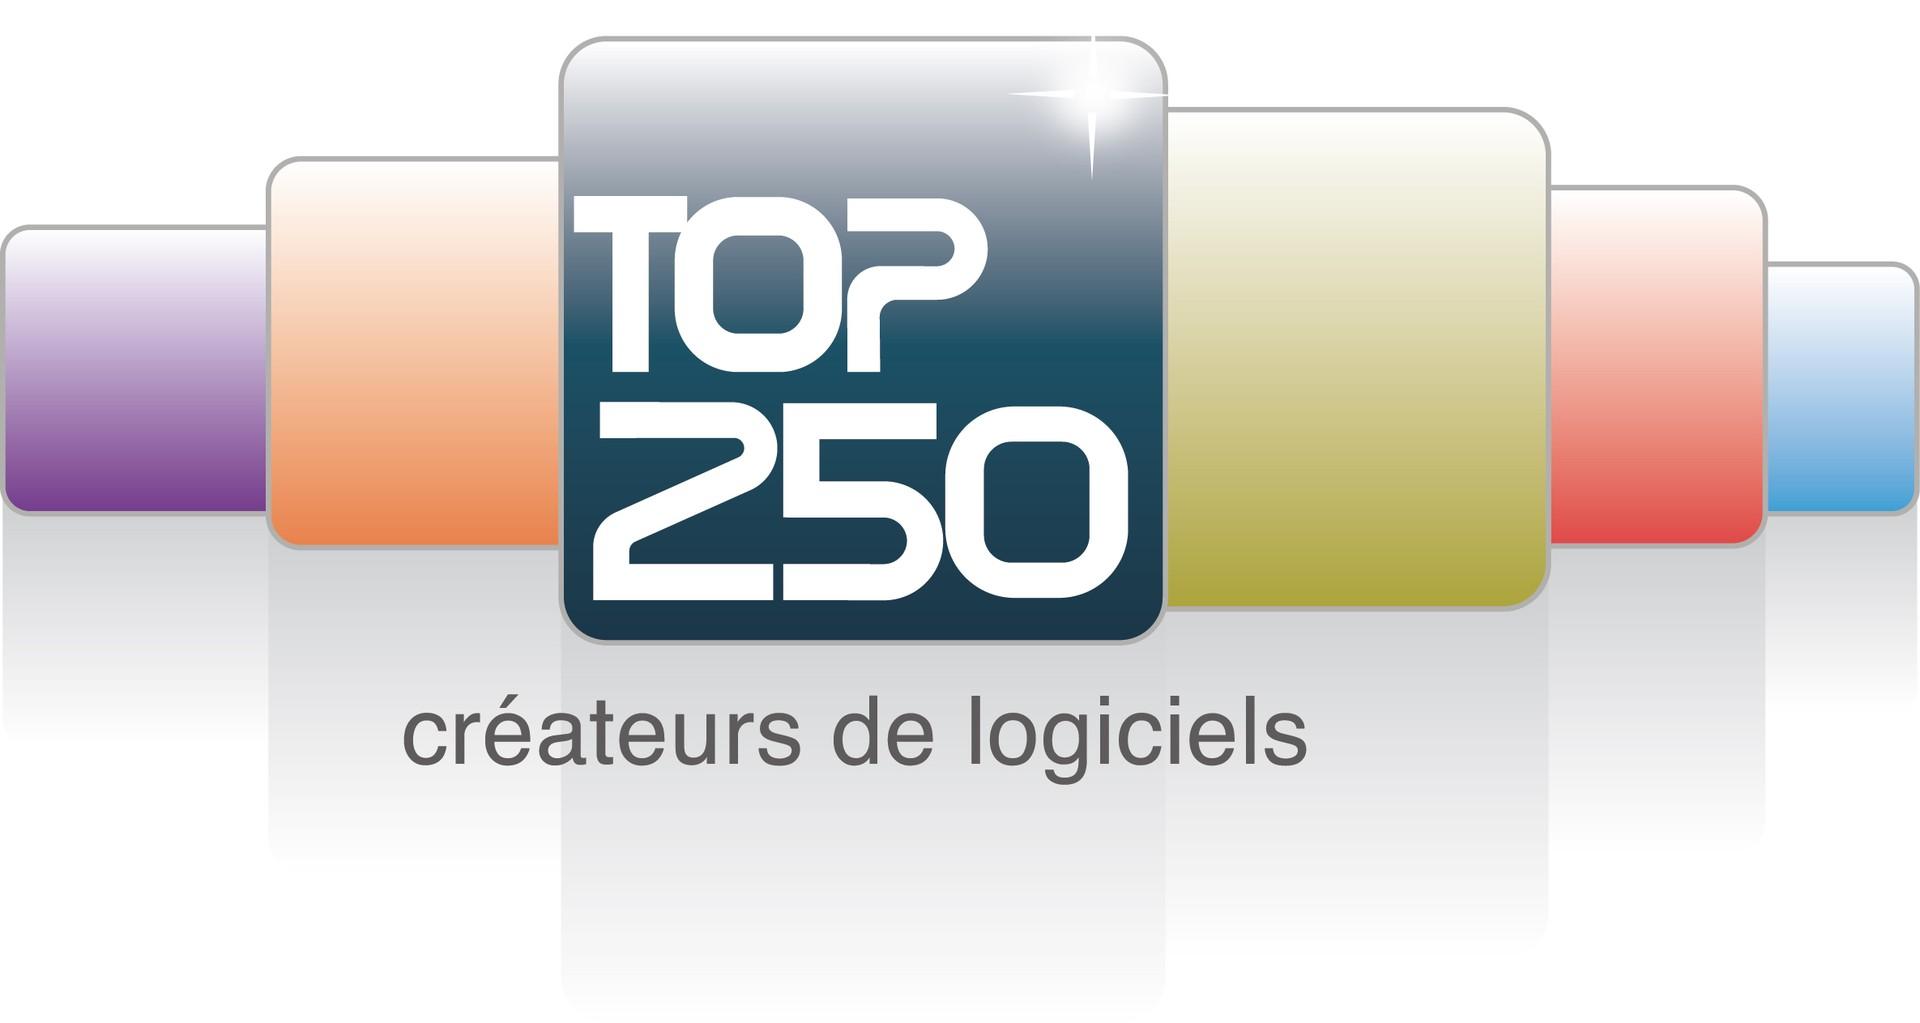 Logo-Top250